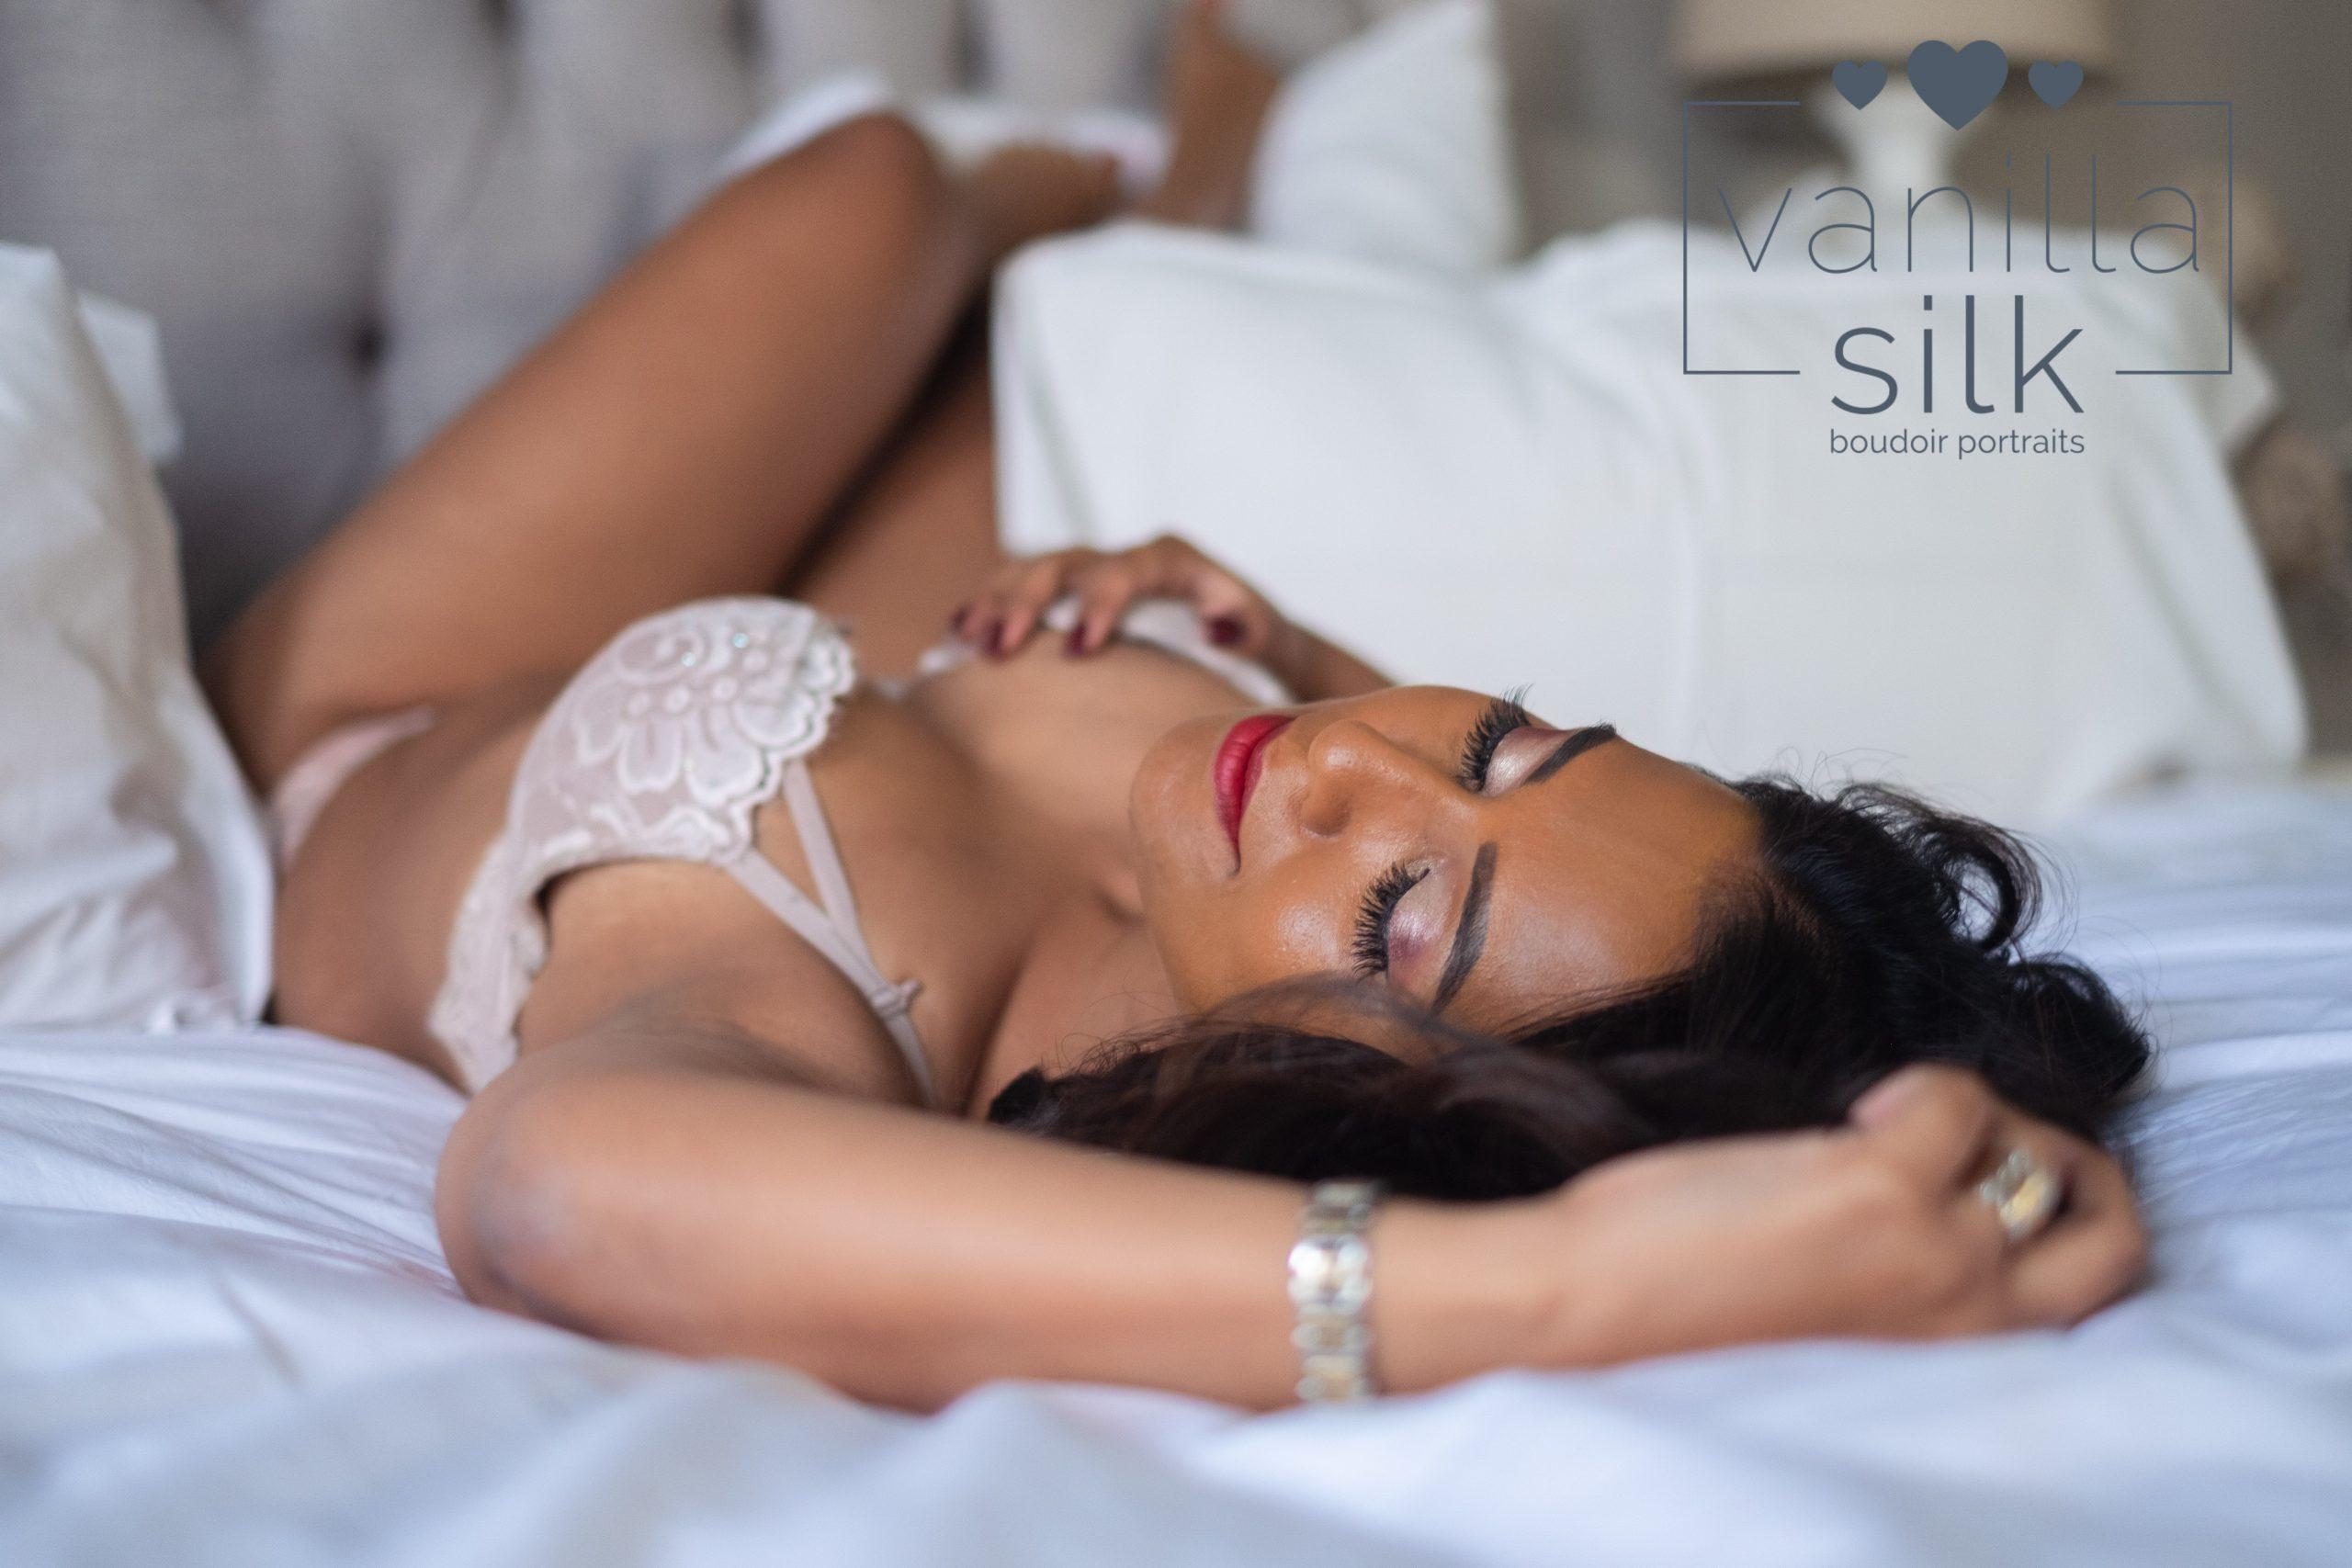 Vanilla-Silk-Boudoir-photographer_1040